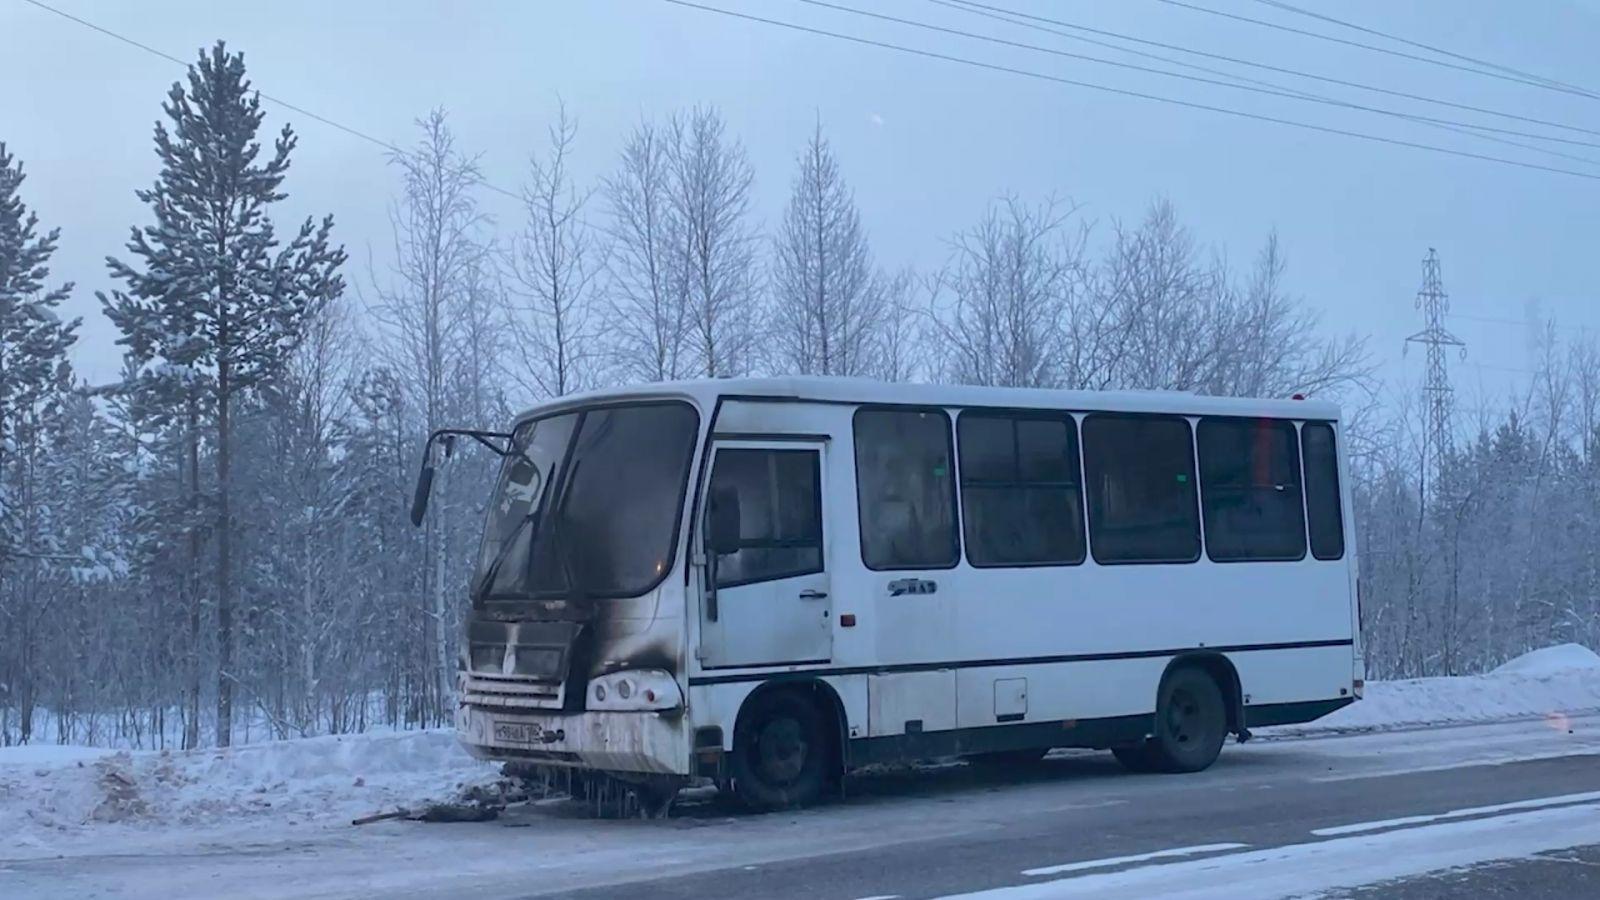 Автобус сгорел на улице Магистральной в Ноябрьске